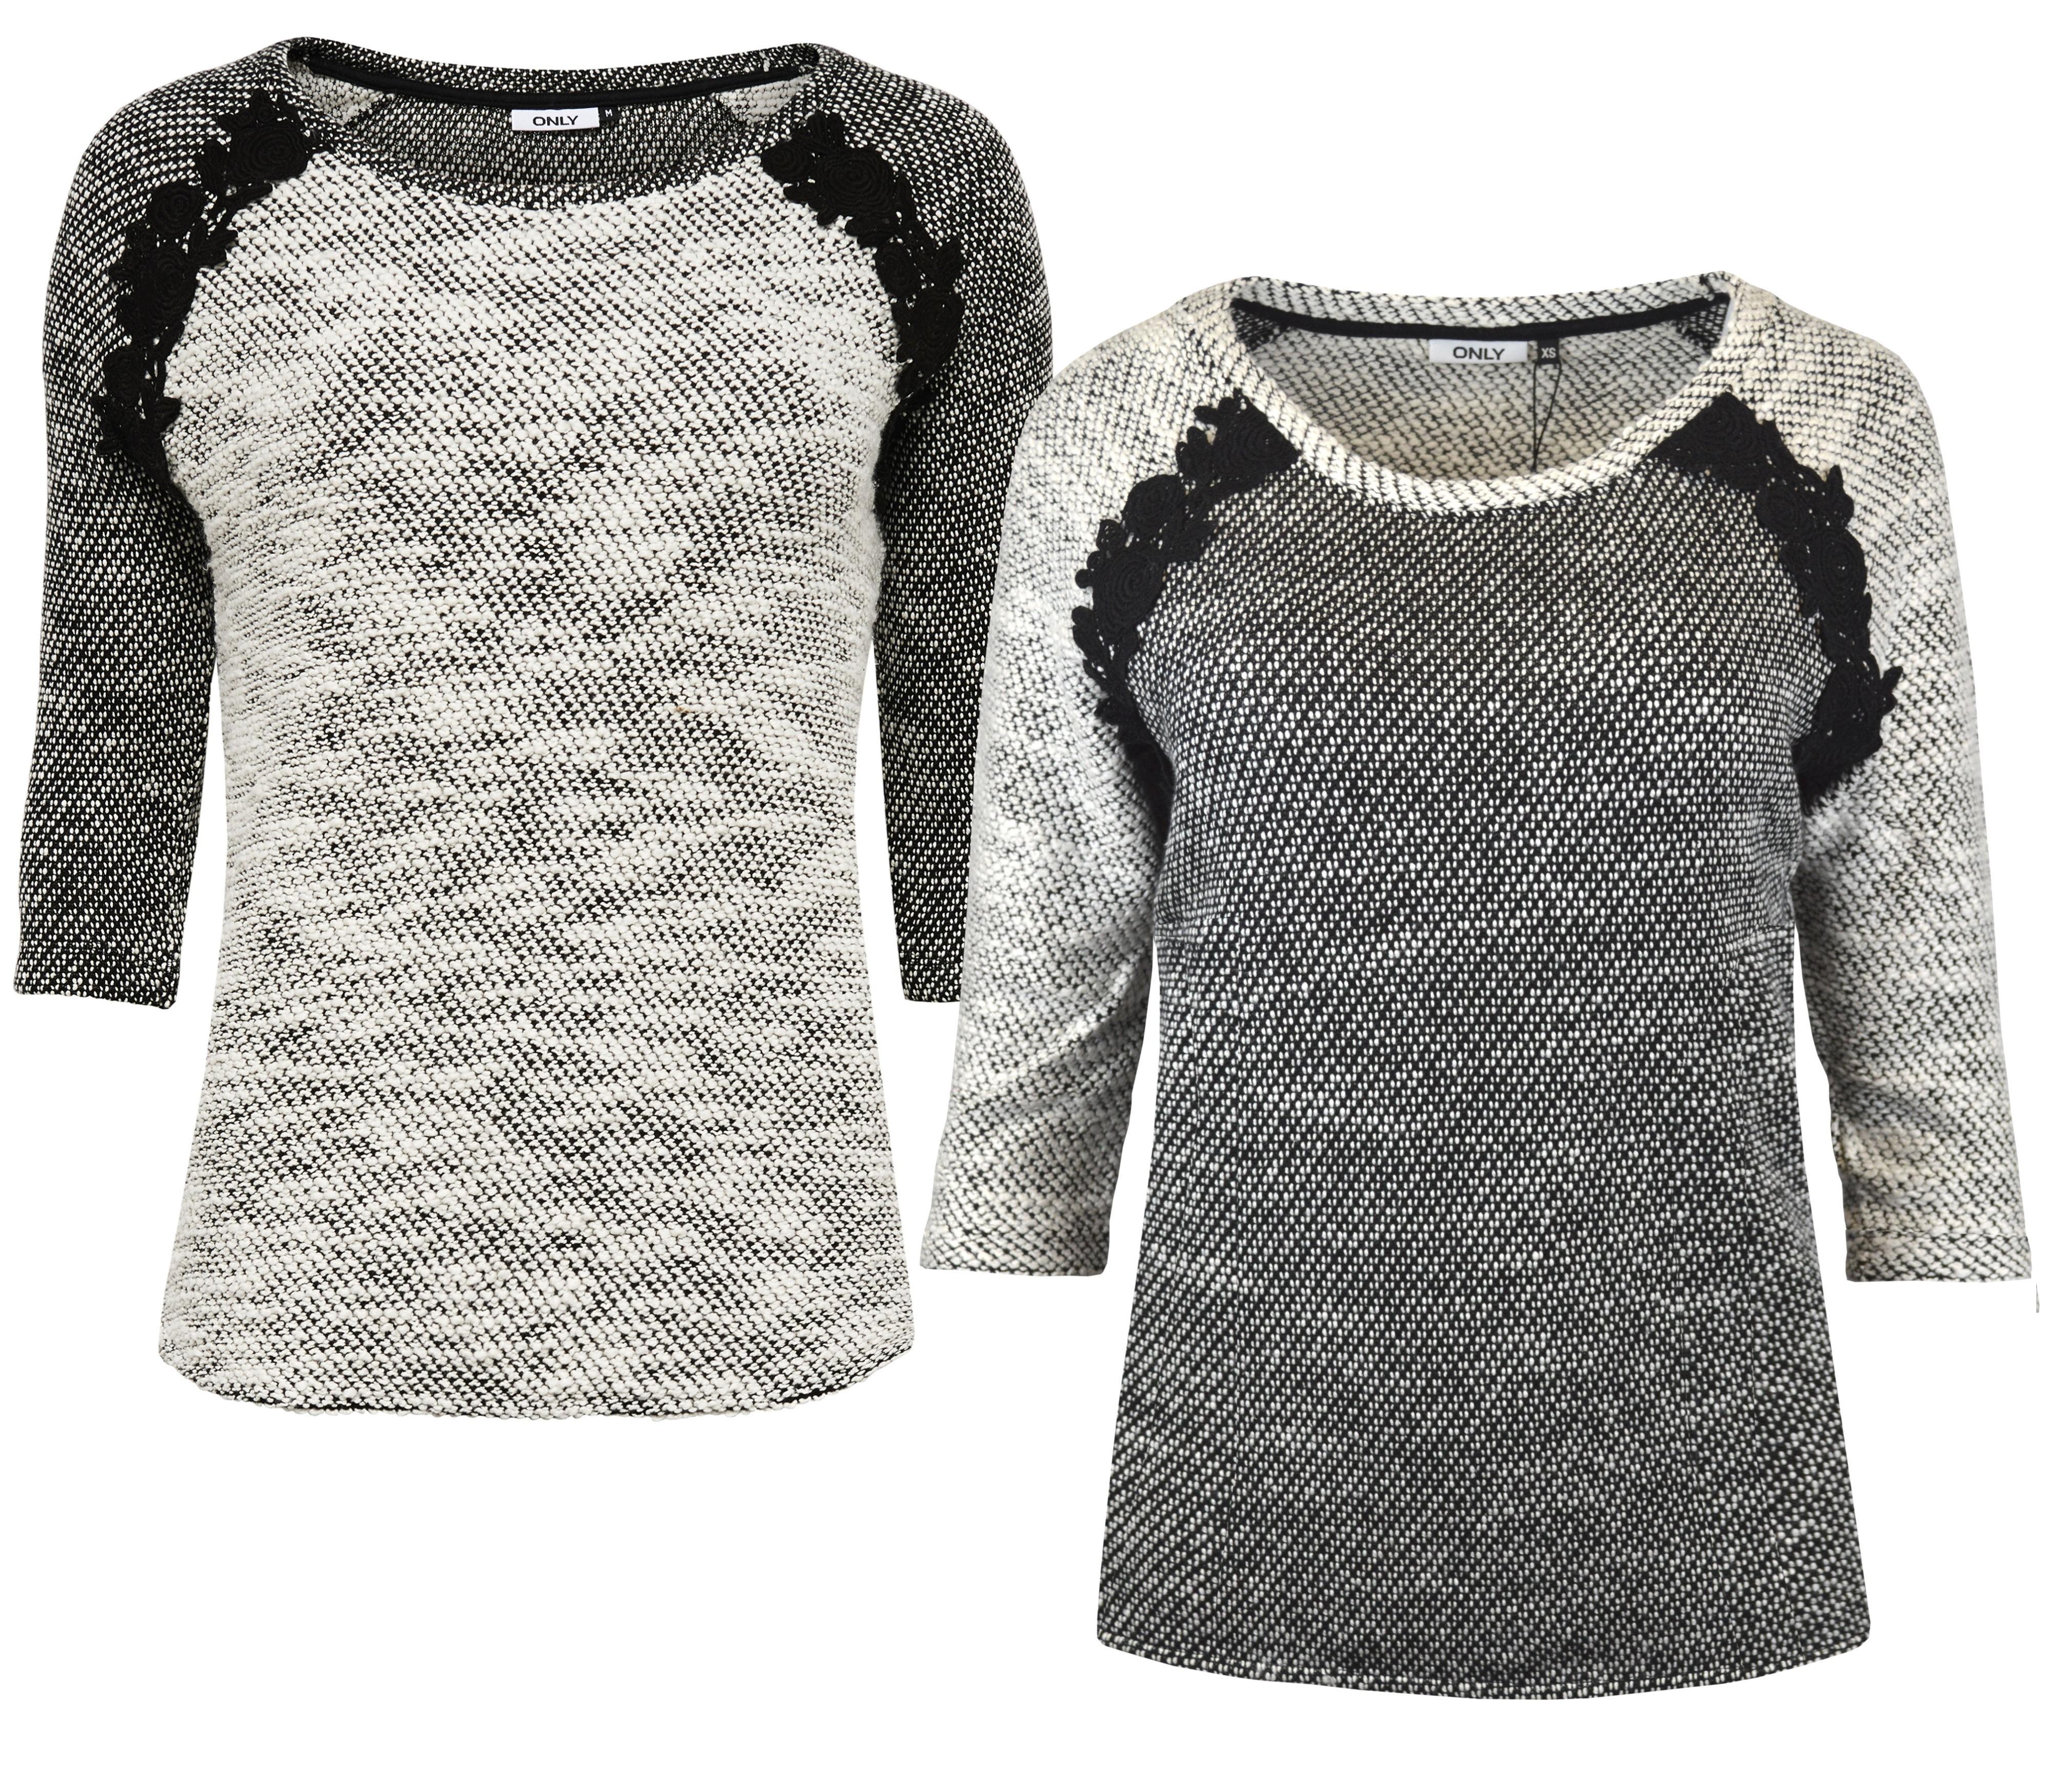 ONLY Damen Pullover Shirt NORMA CROCHET 3 4 TOP Grob-Strick Spitze schwarz  weiß 699e4ffefe